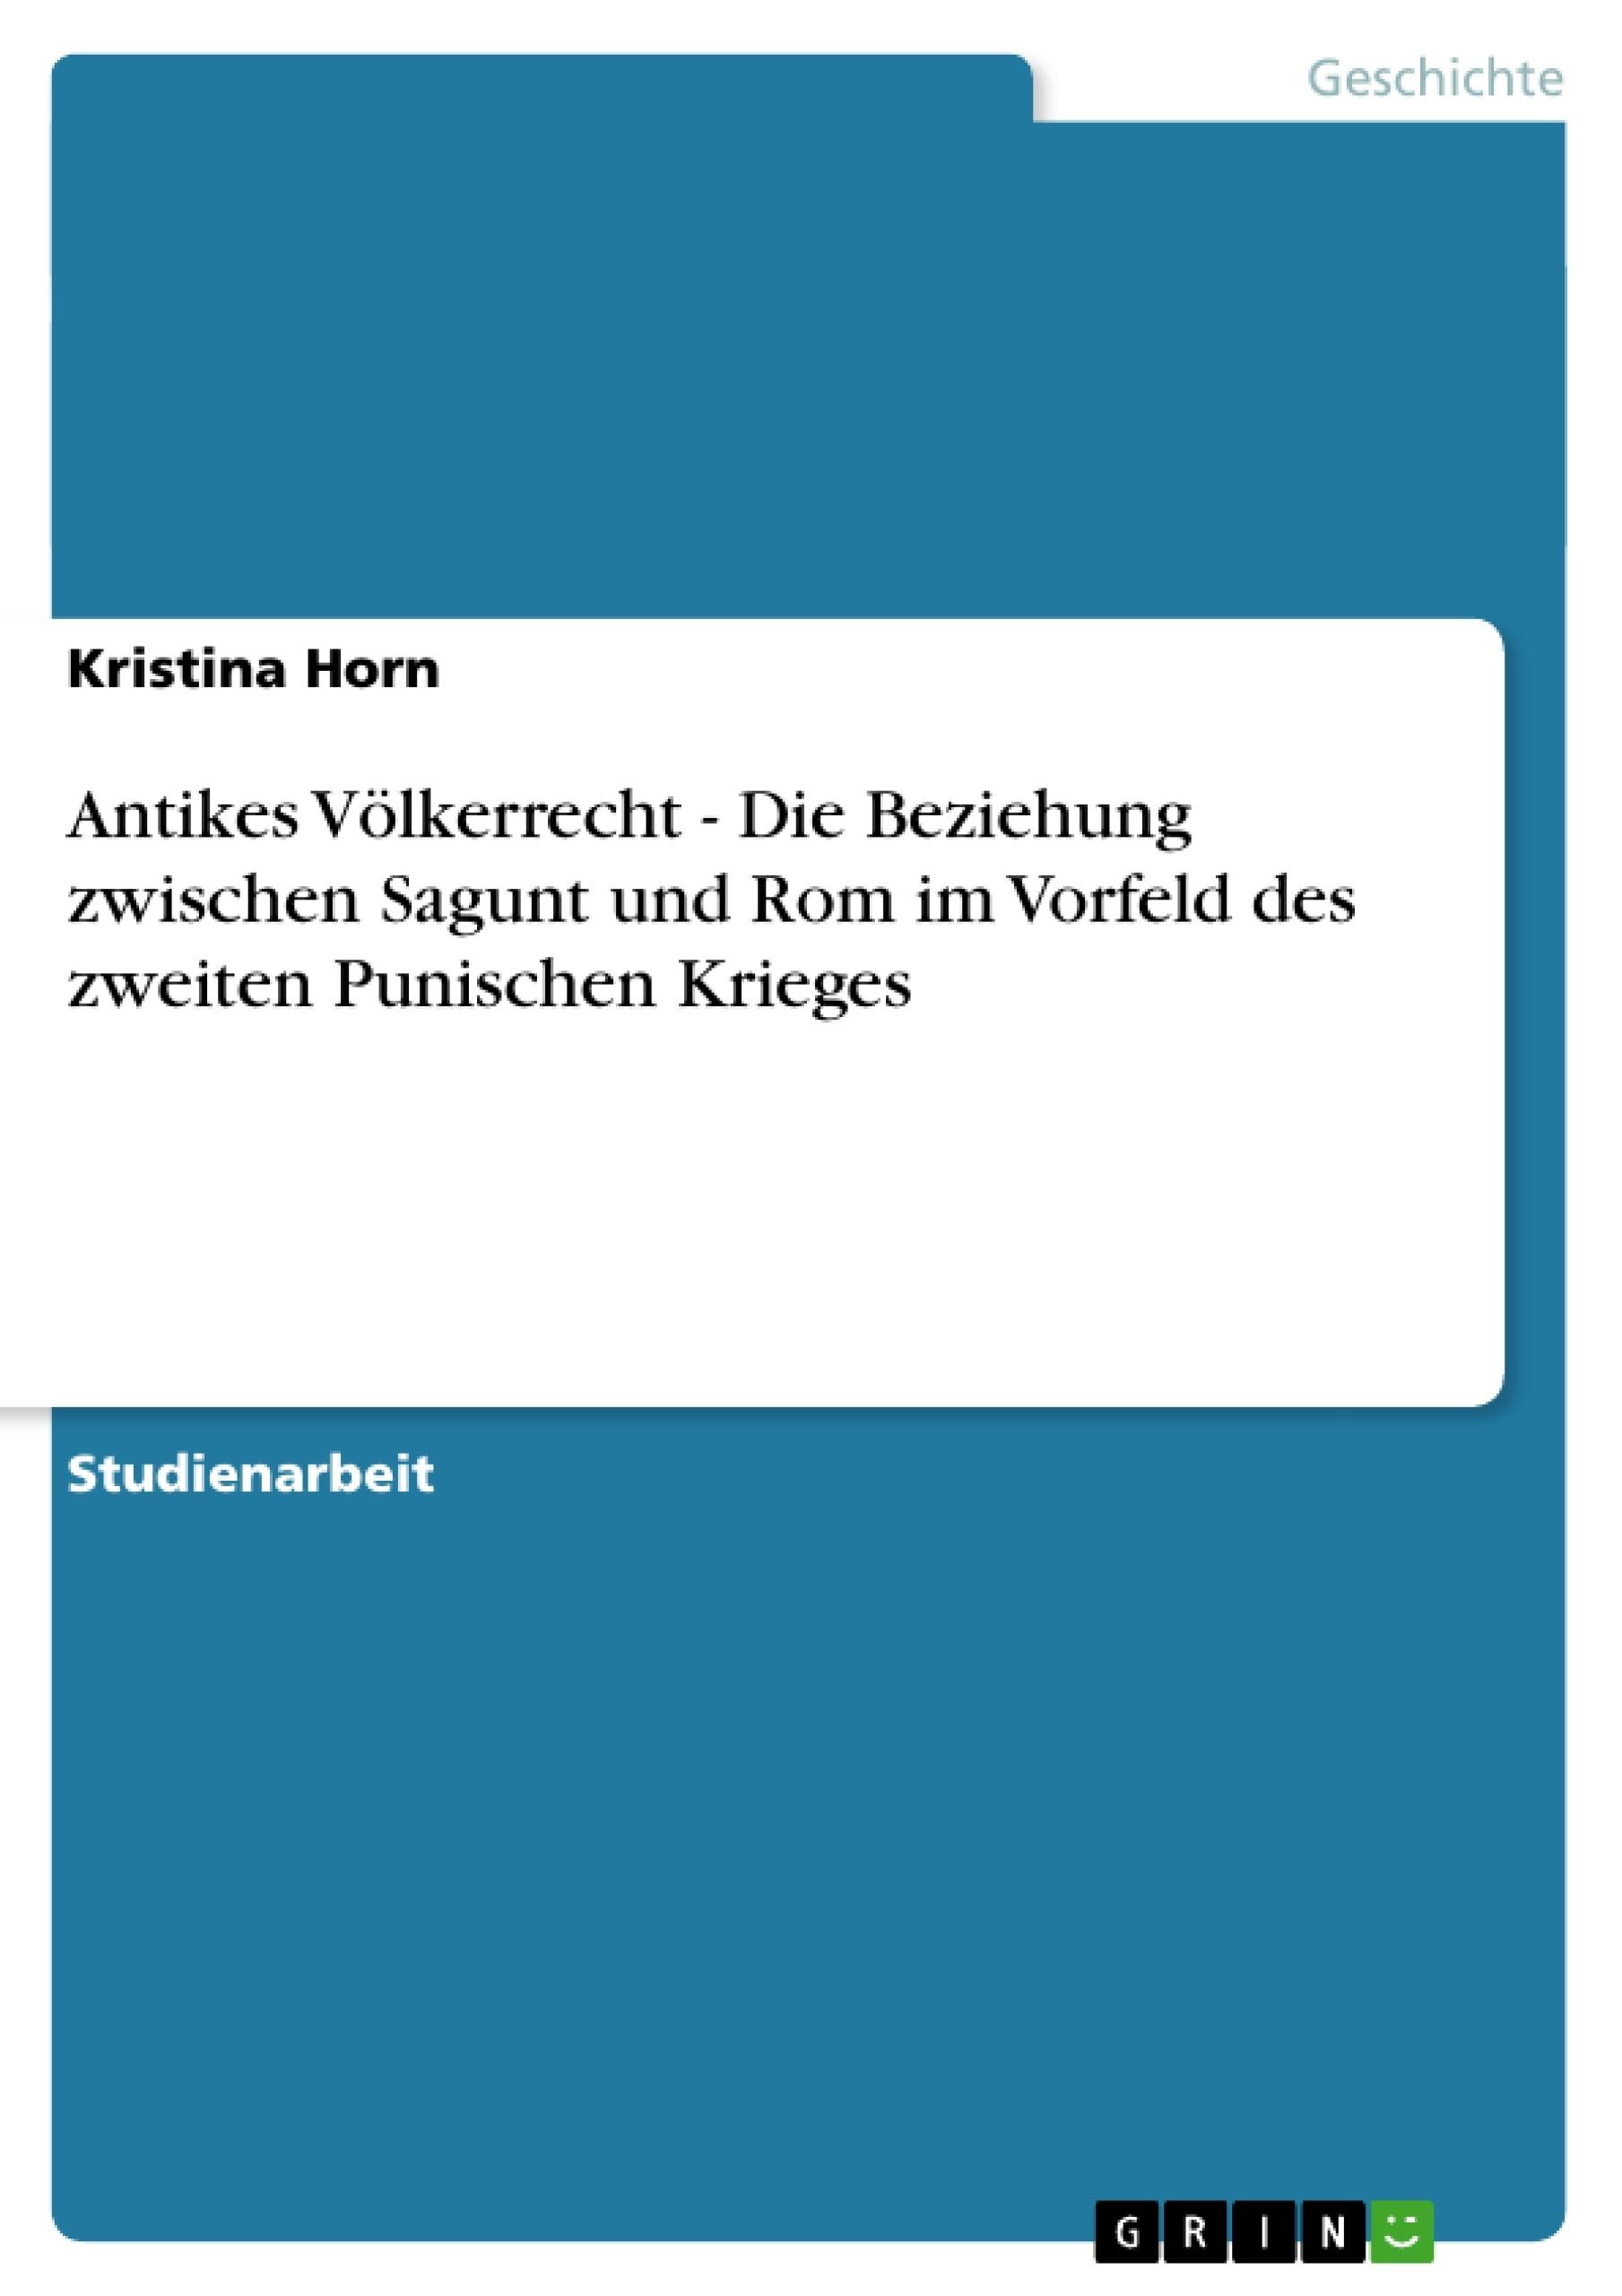 Titel: Antikes Völkerrecht - Die Beziehung zwischen Sagunt und Rom im Vorfeld des zweiten Punischen Krieges